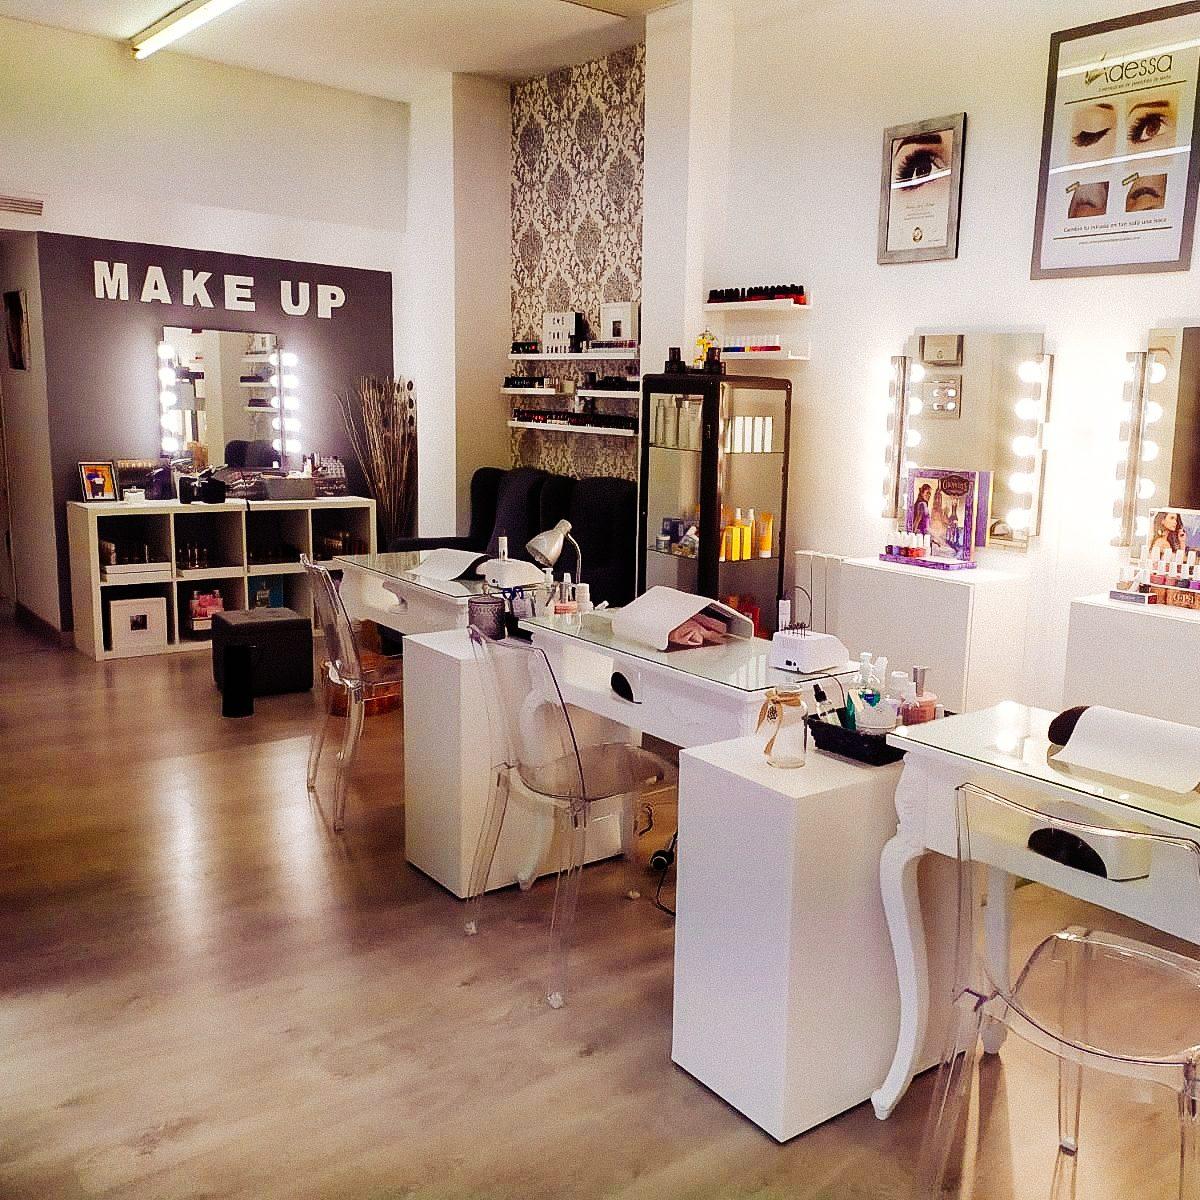 Centro estetico con mesitas para manicure y armario con productos karicia